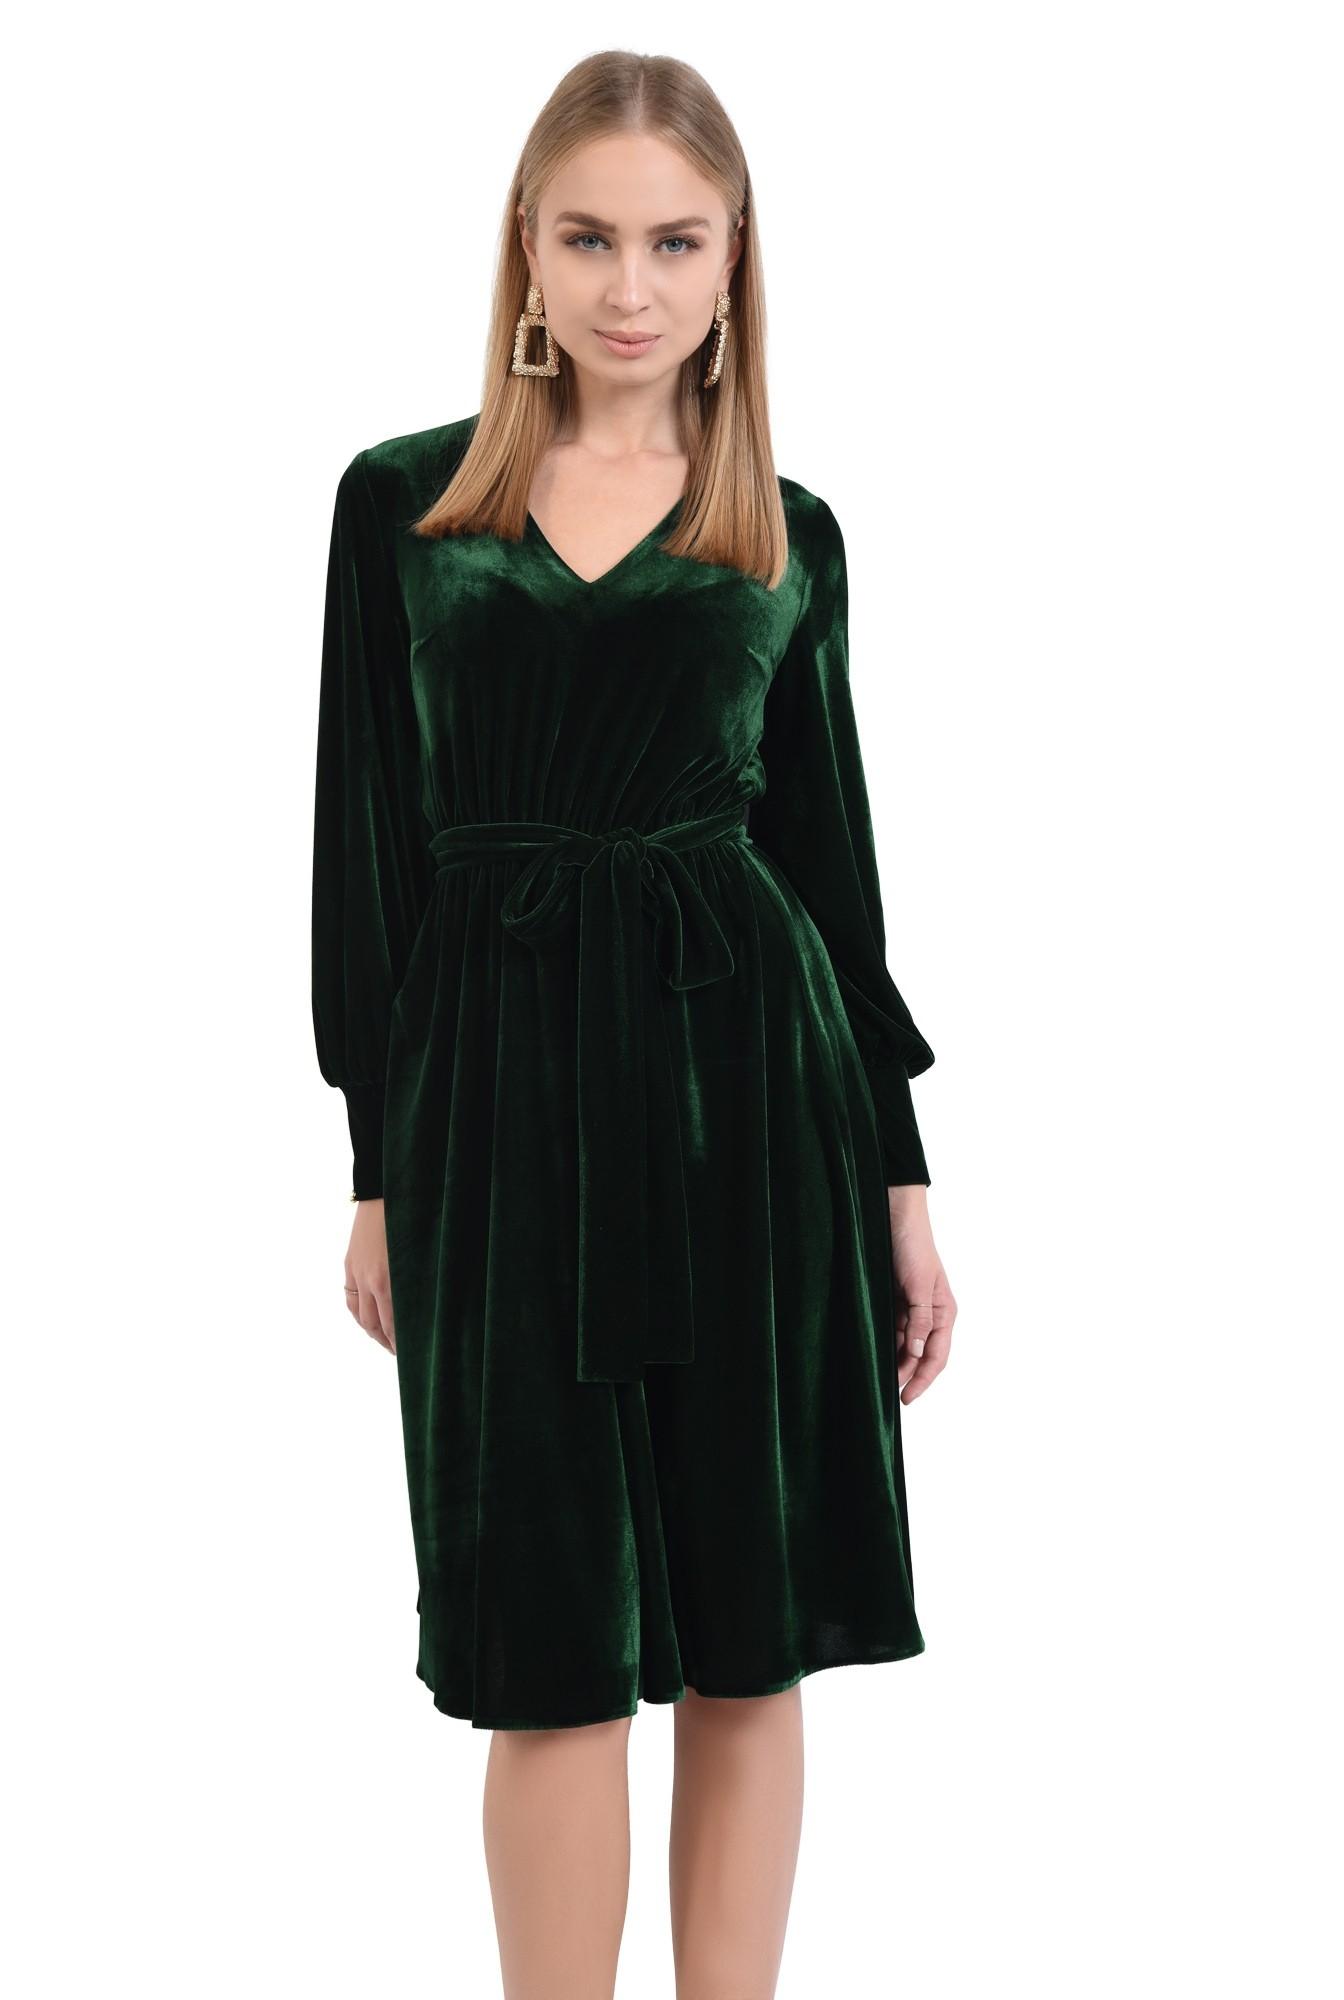 rochie midi, funda la talie, rochii online. croi evazat, maneci lungi cu mansete